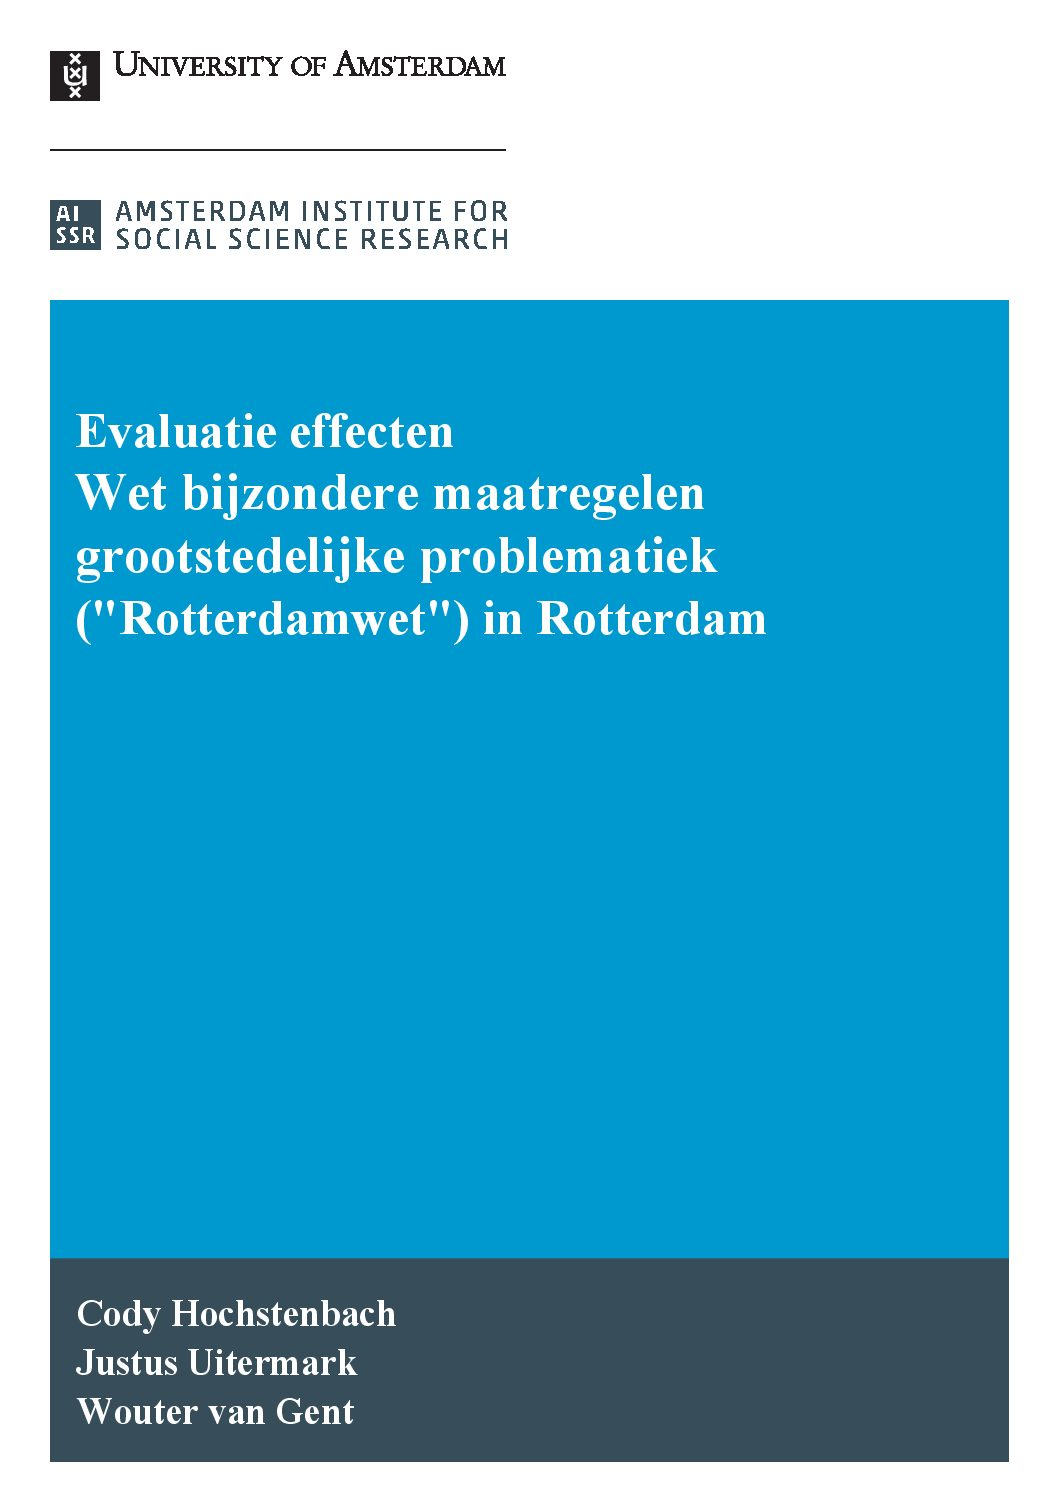 Evaluatie 'Rotterdamwet': leefbaarheid niet aantoonbaar verbeterd